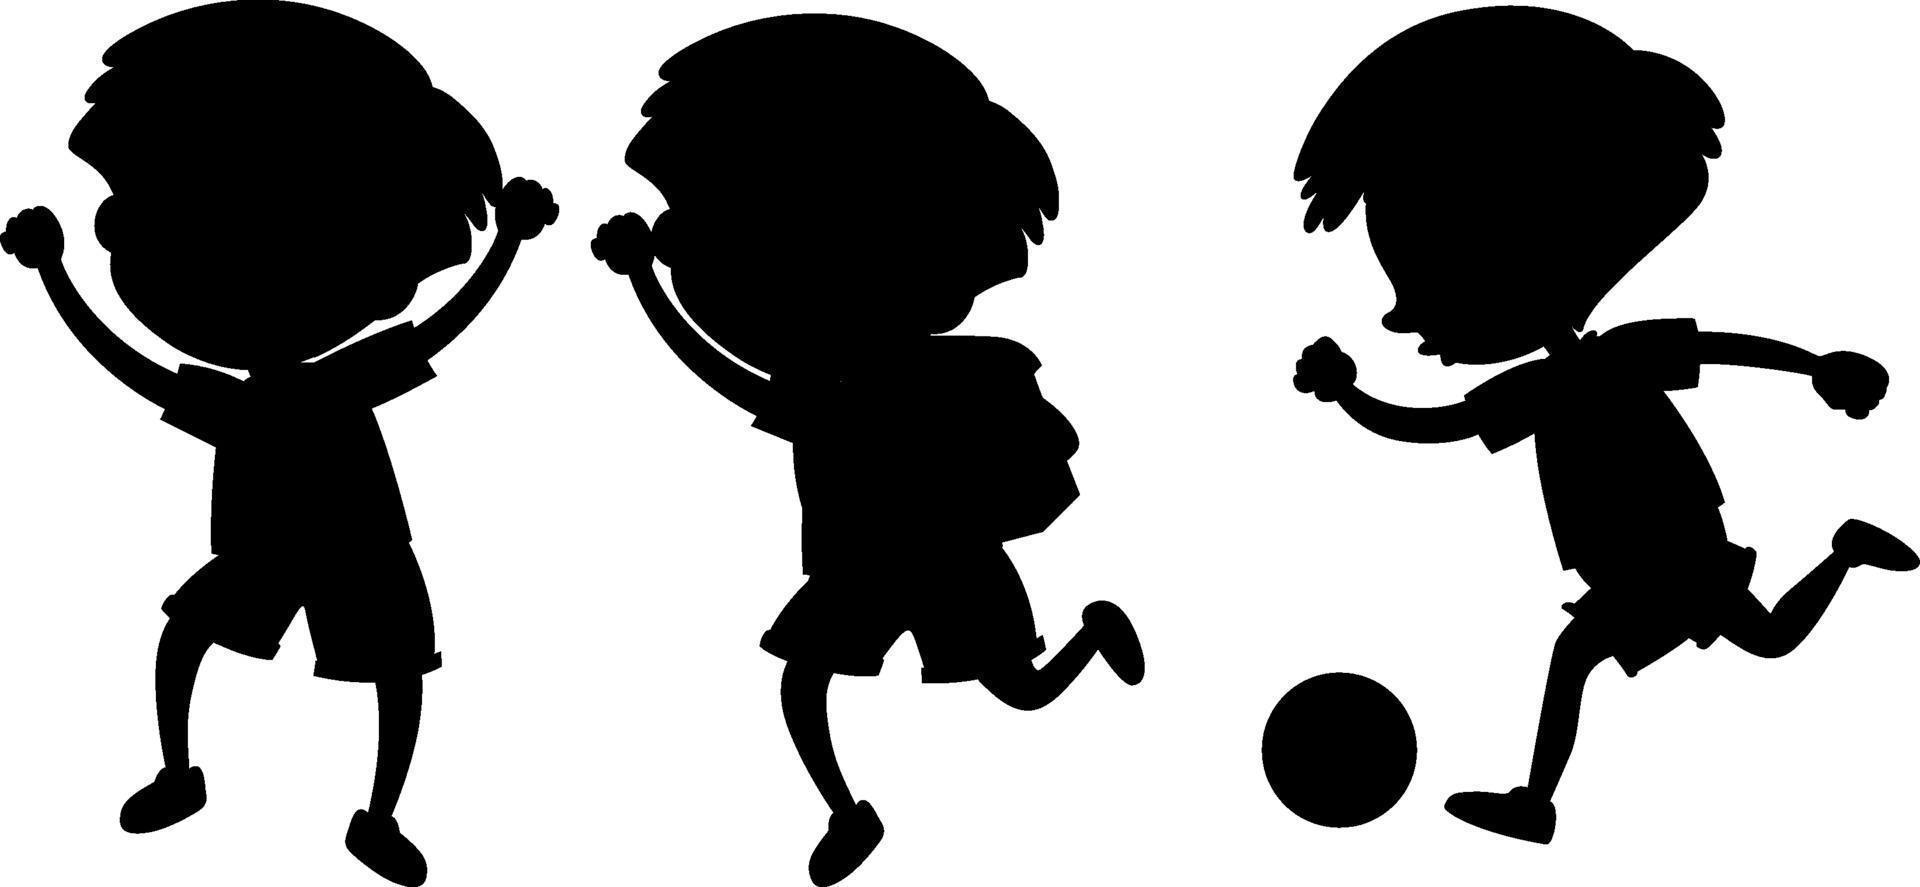 personaggio dei cartoni animati di bambini silhouette su sfondo bianco vettore